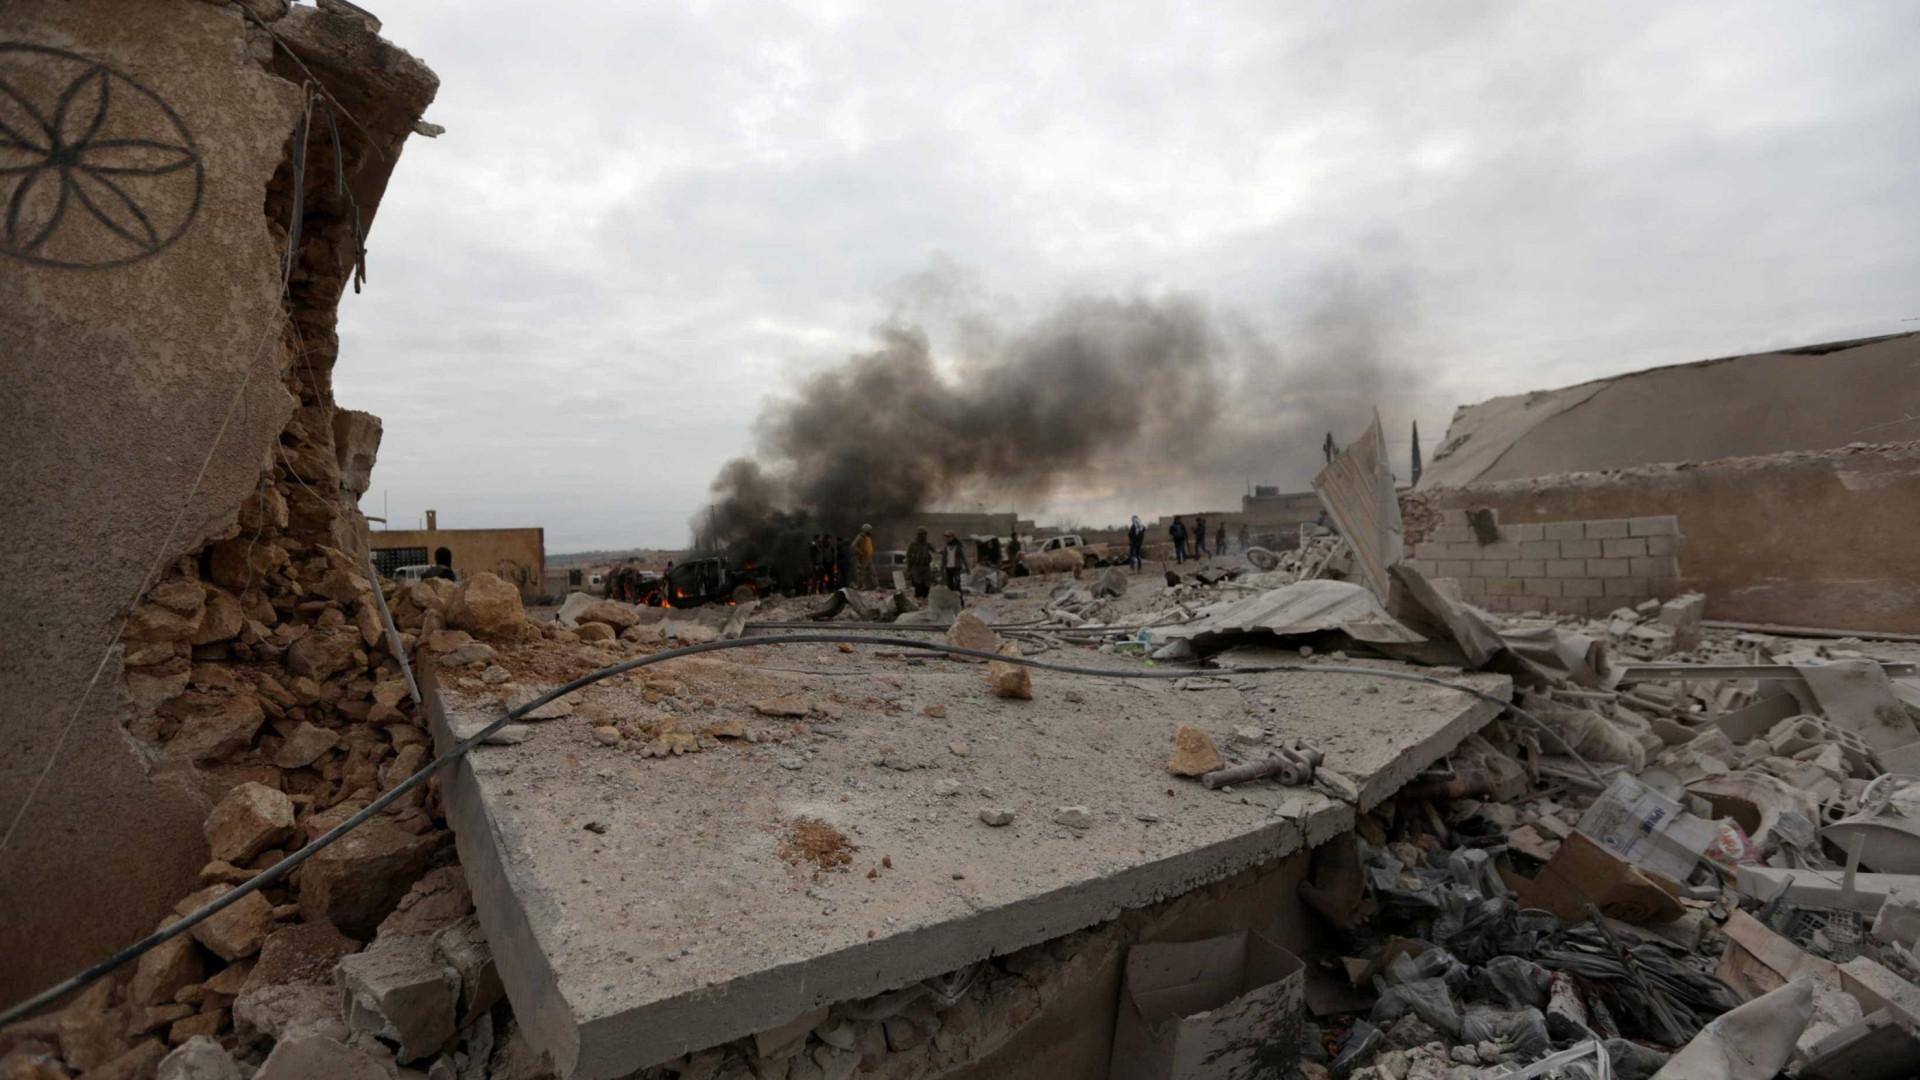 Exército sírio destruiu mísseis lançados em ataque israelita